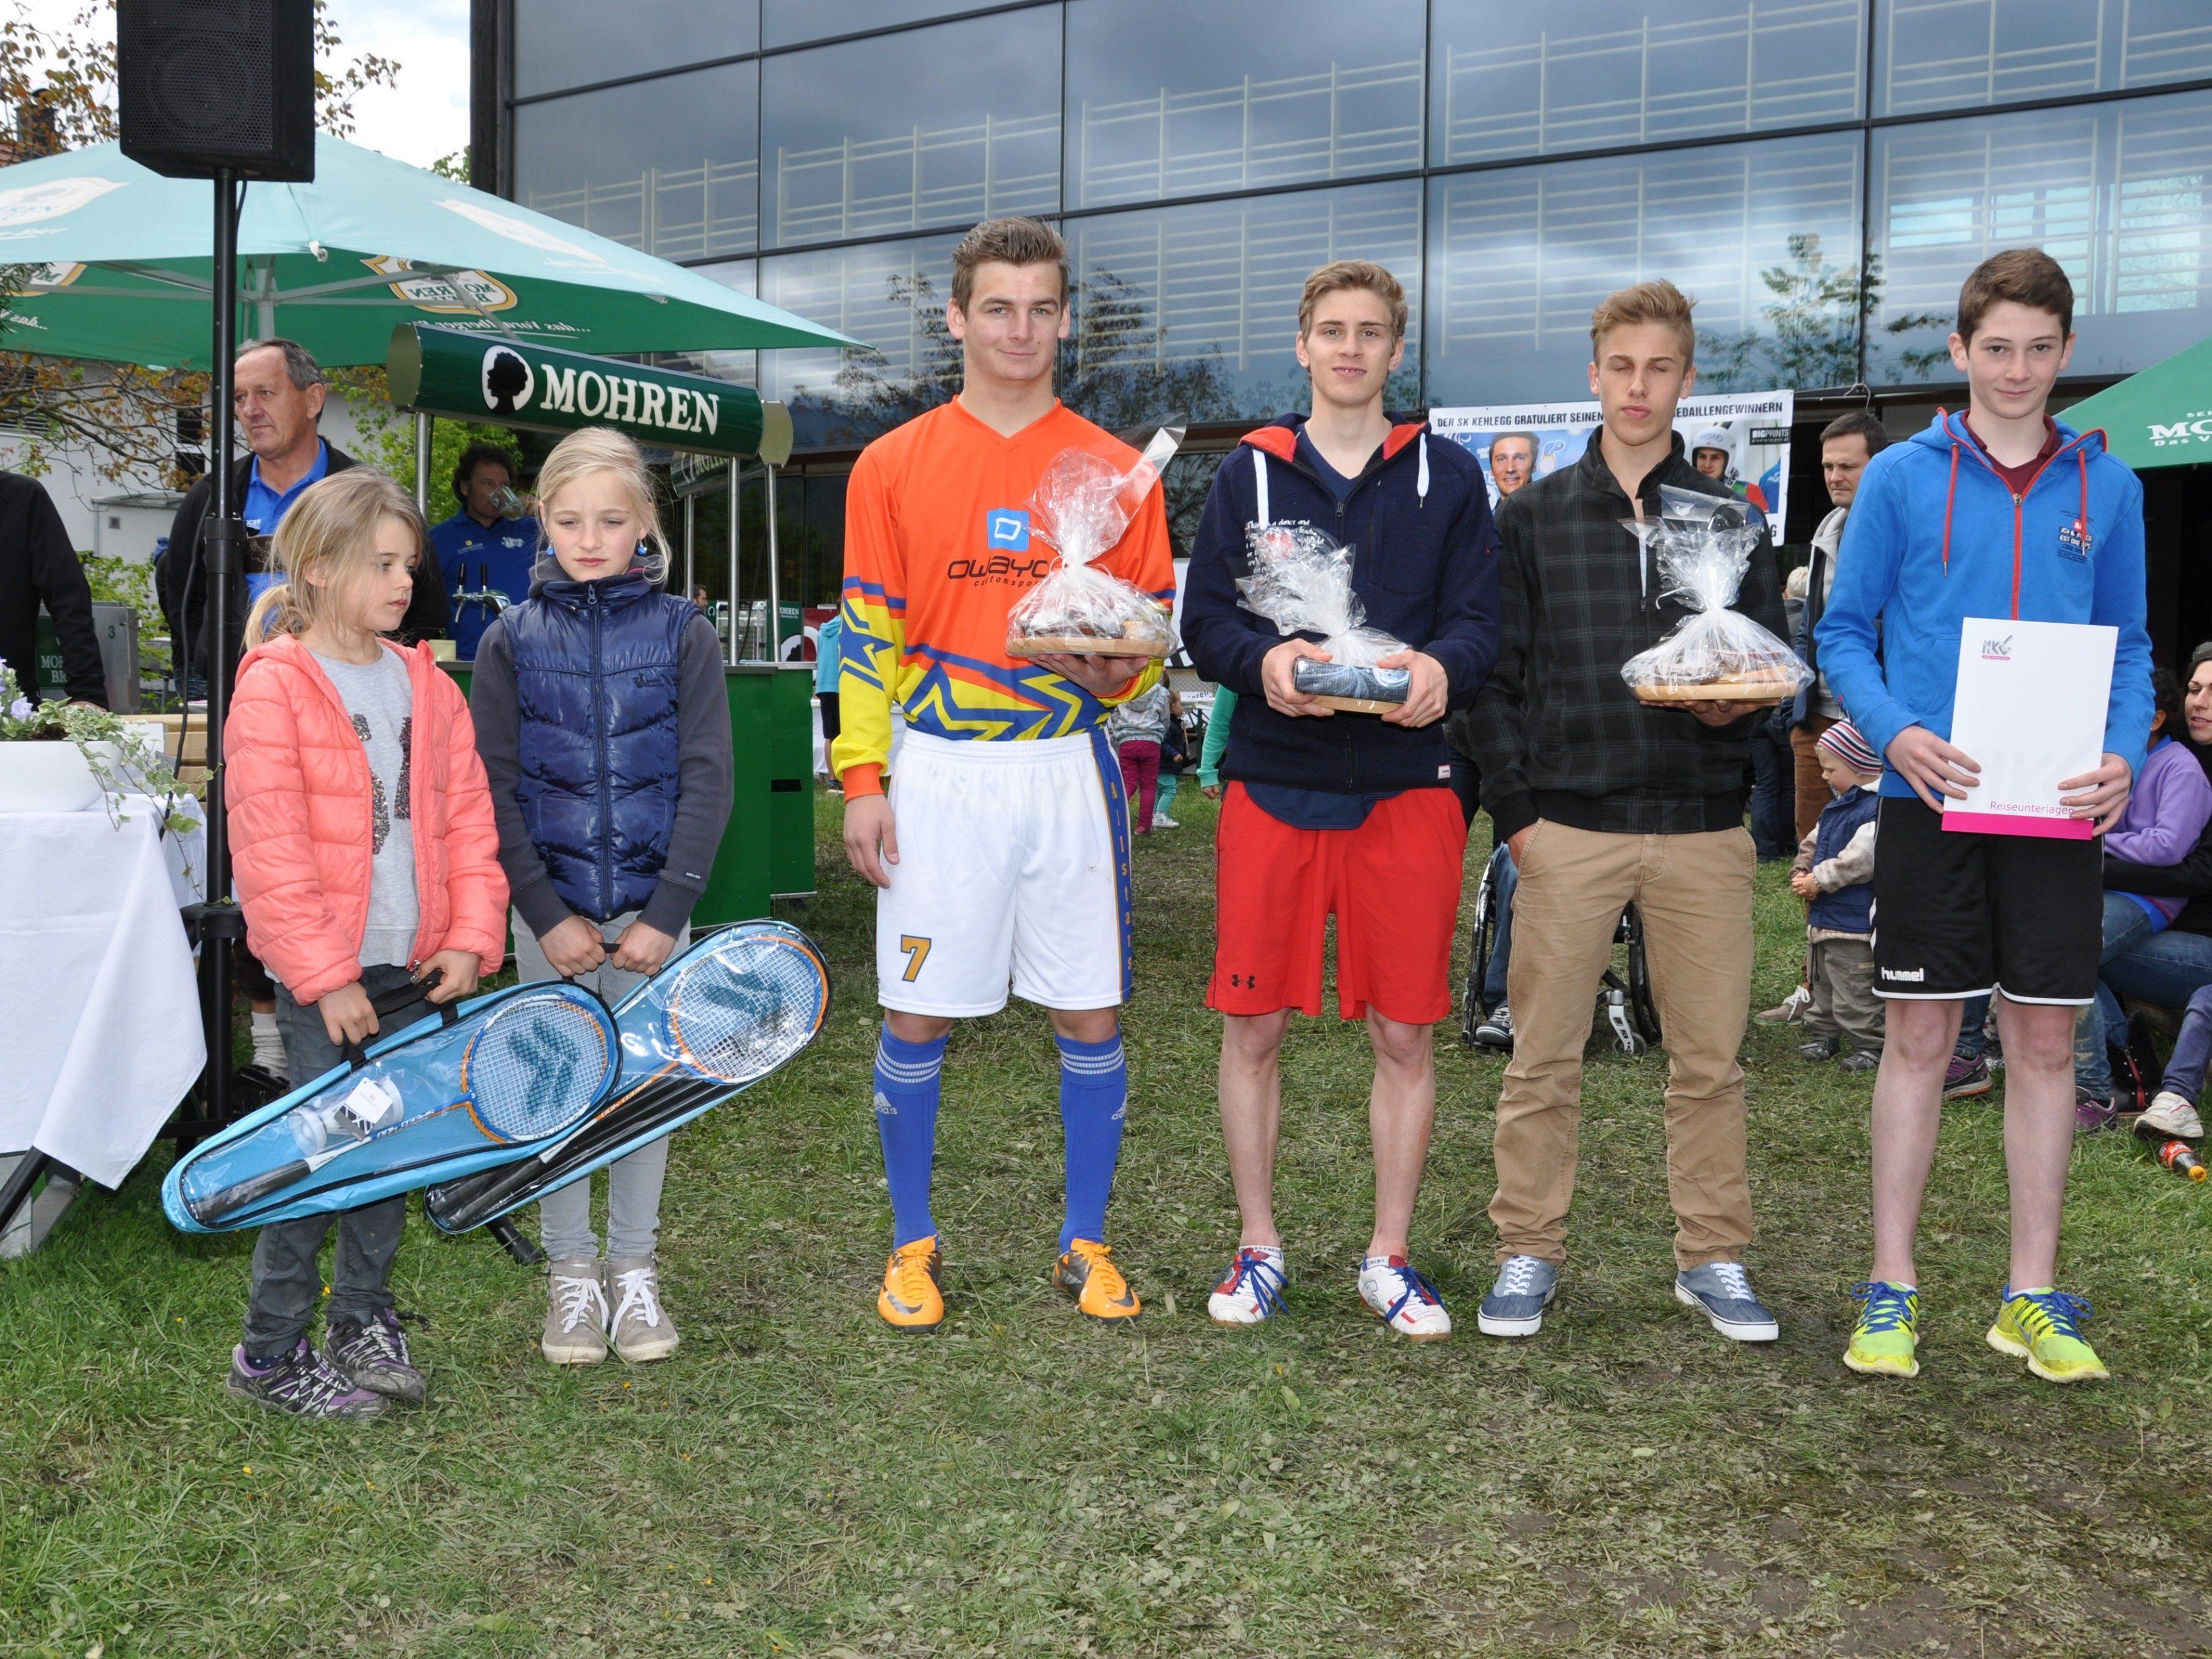 Der SK Kehlegg wird seine erfolgreichen Sportler beim Maifest hochleben lassen.